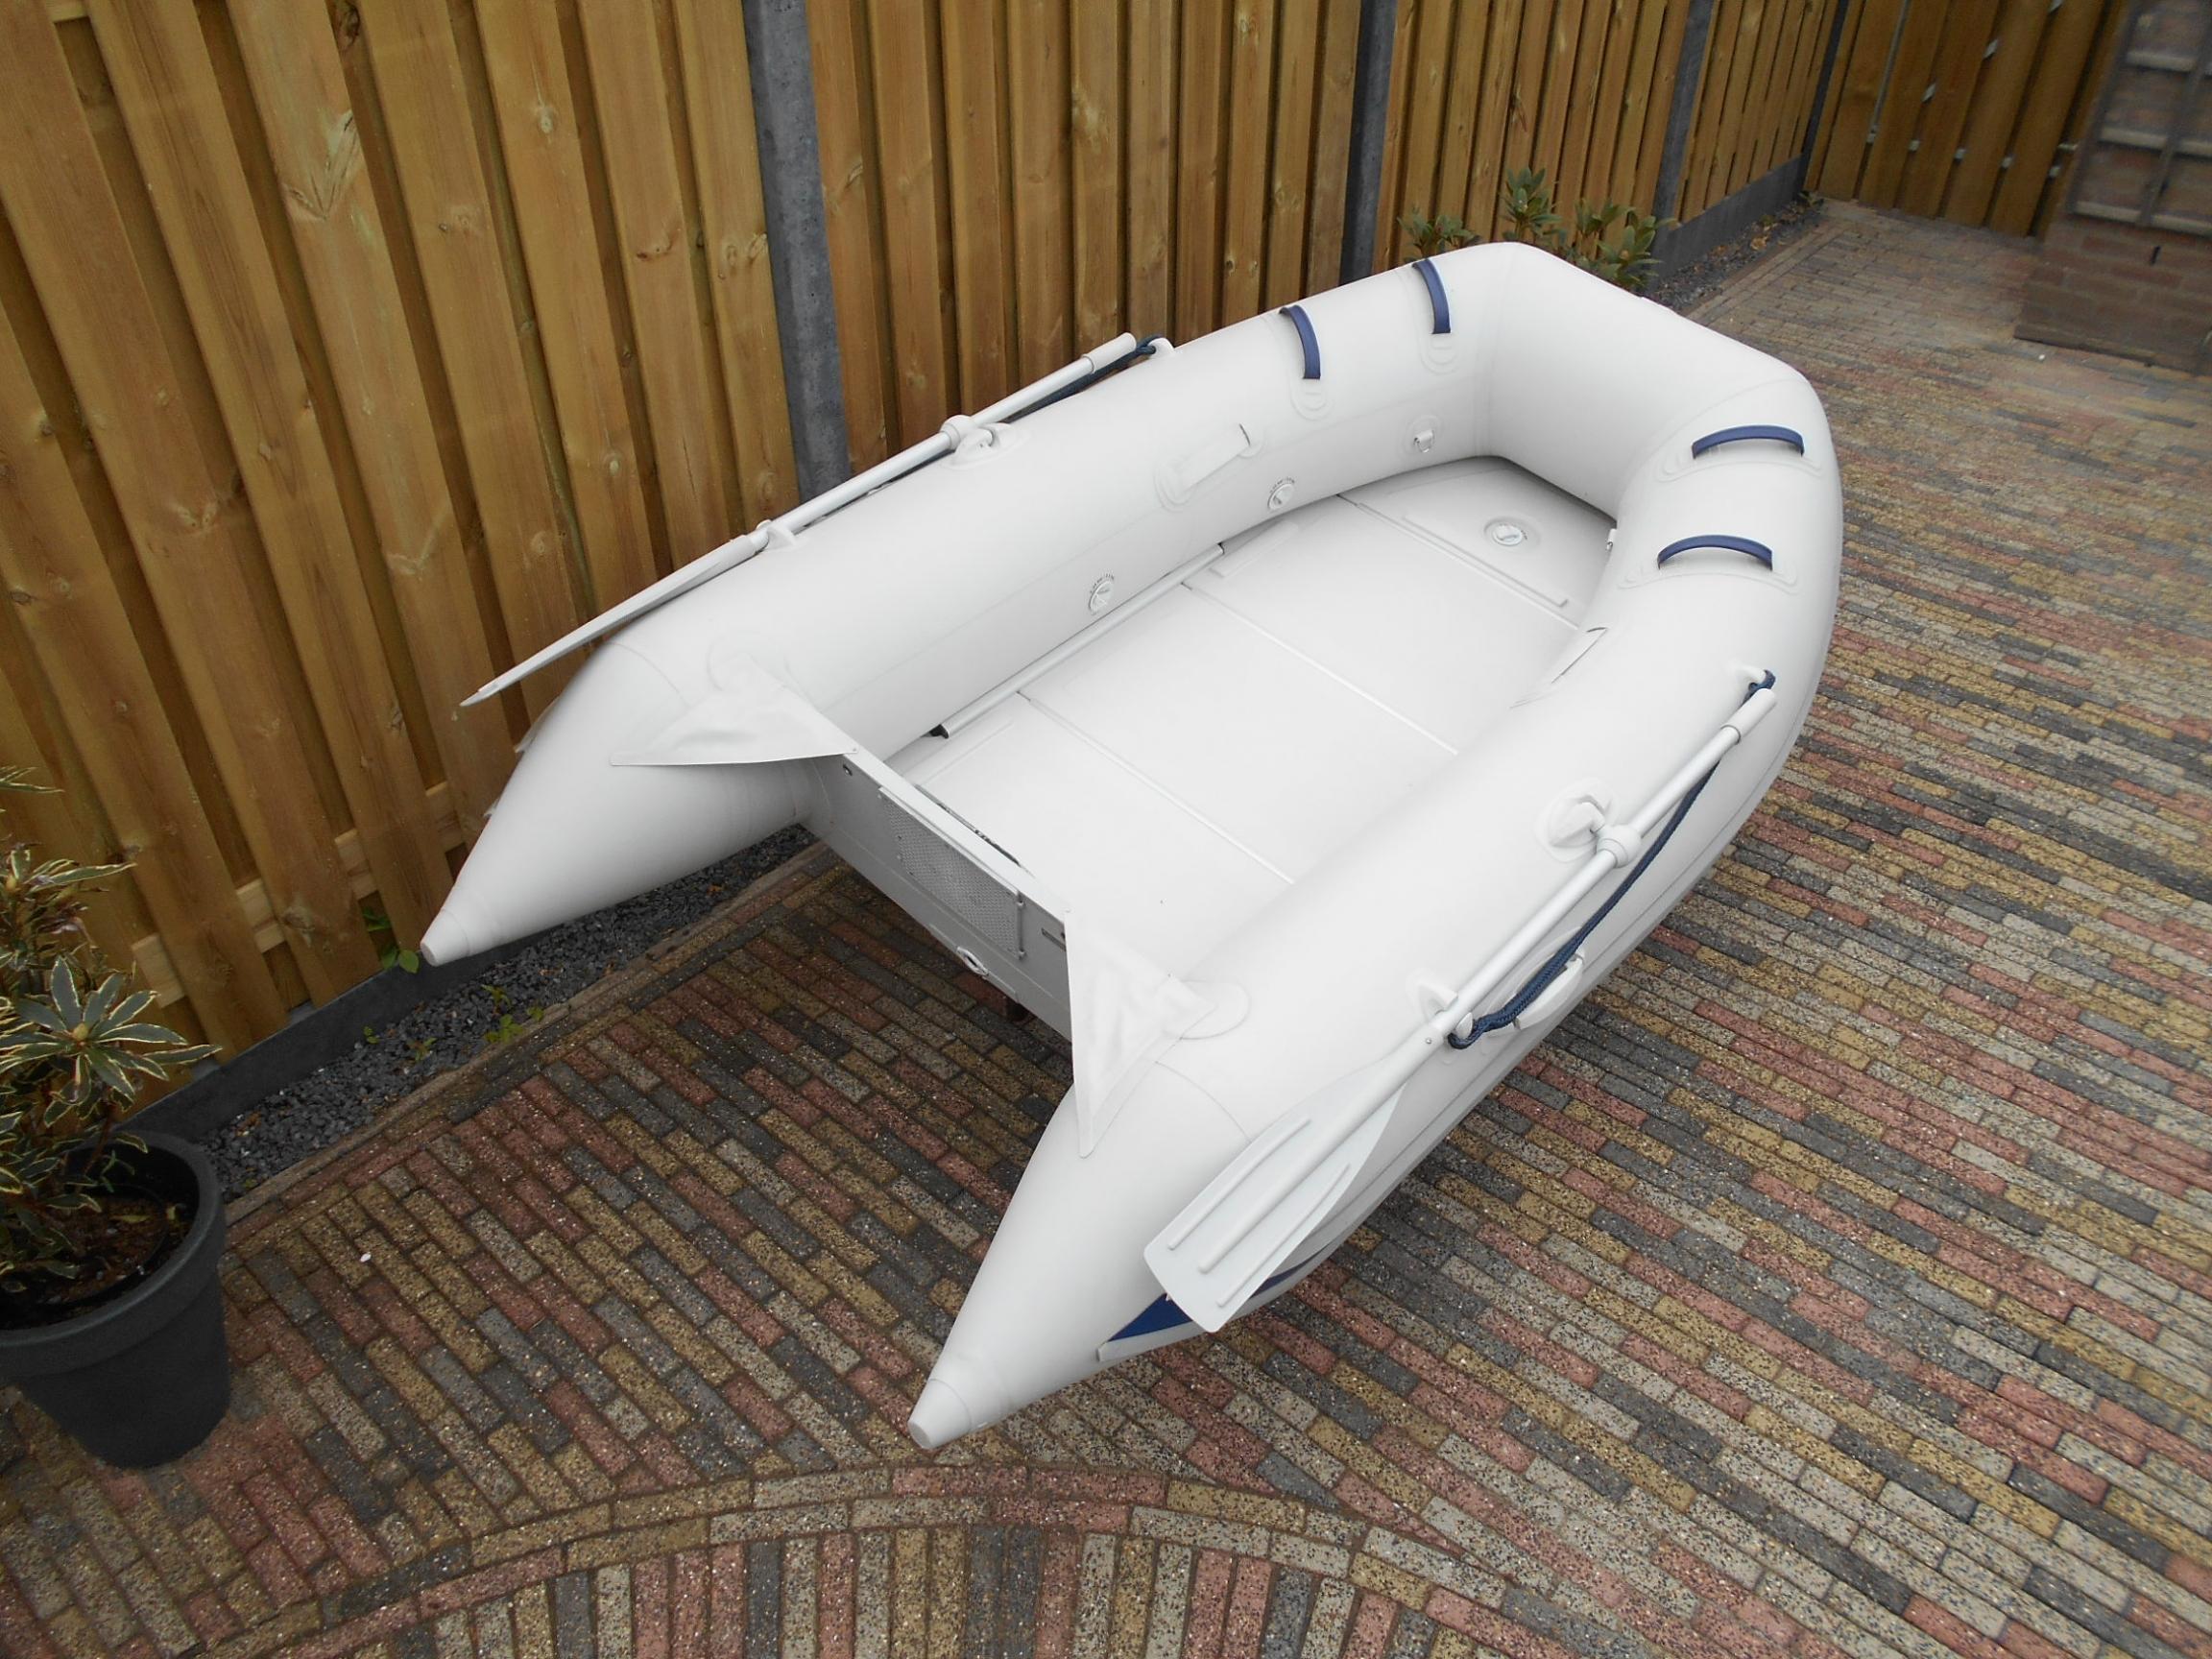 boten quiksilver sport enduro 270 kunststof vloerdelen prijs